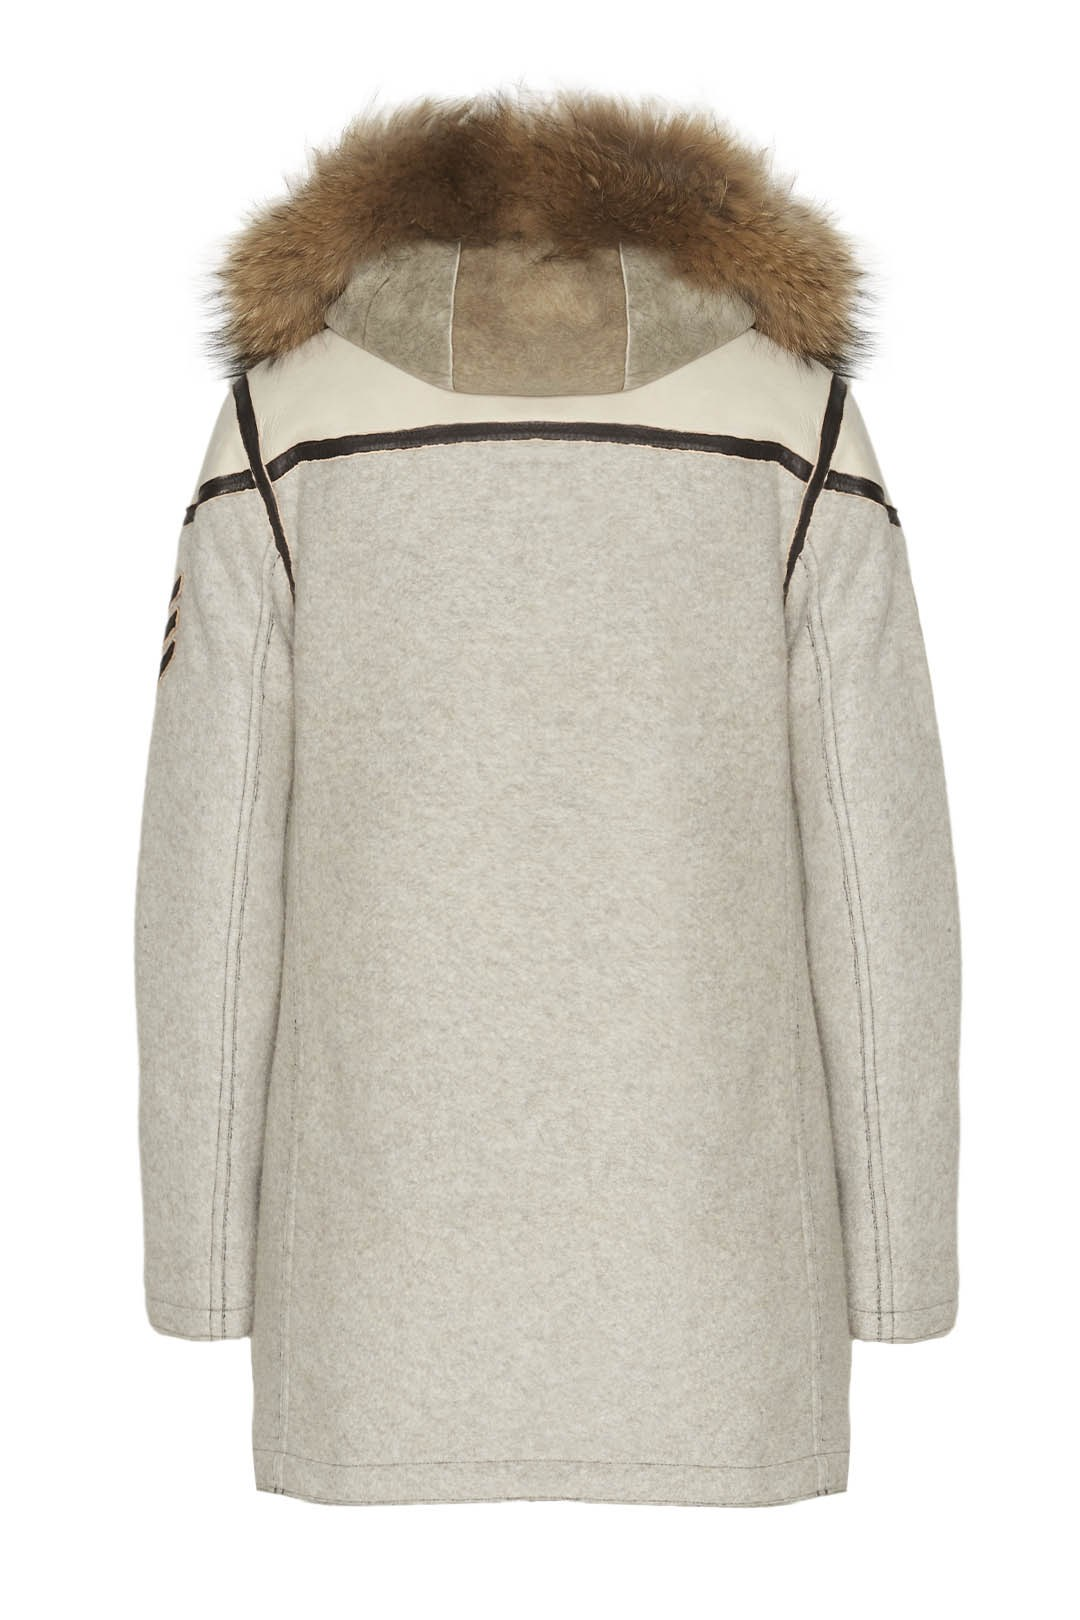 Sheepskin jacket in Nappa leather        2